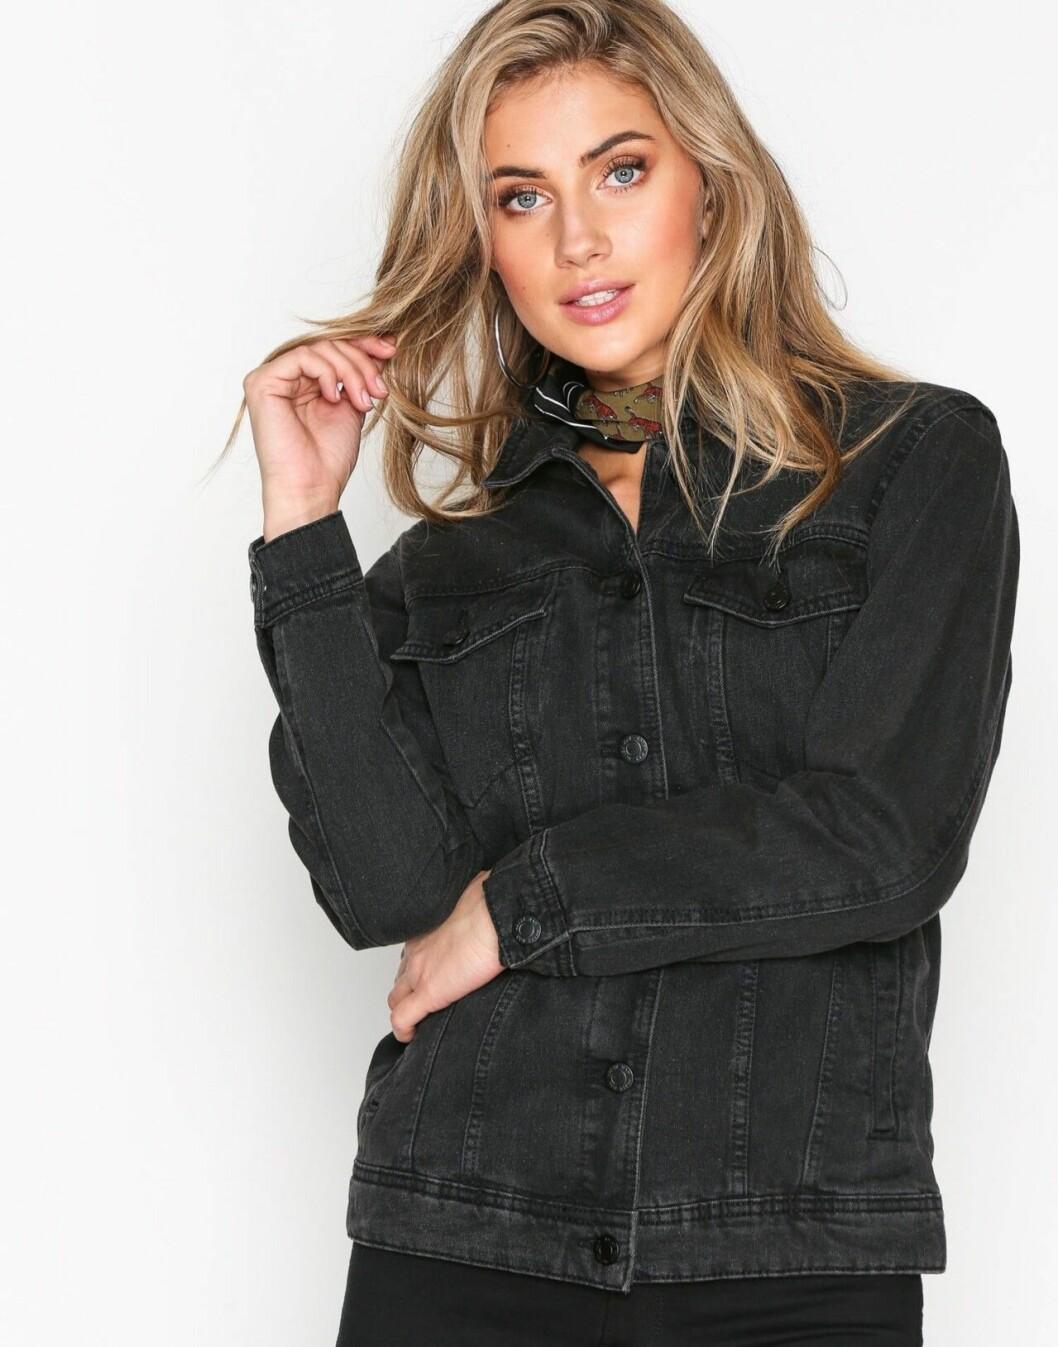 Svart jeansjacka i längre modell för dam till 2019